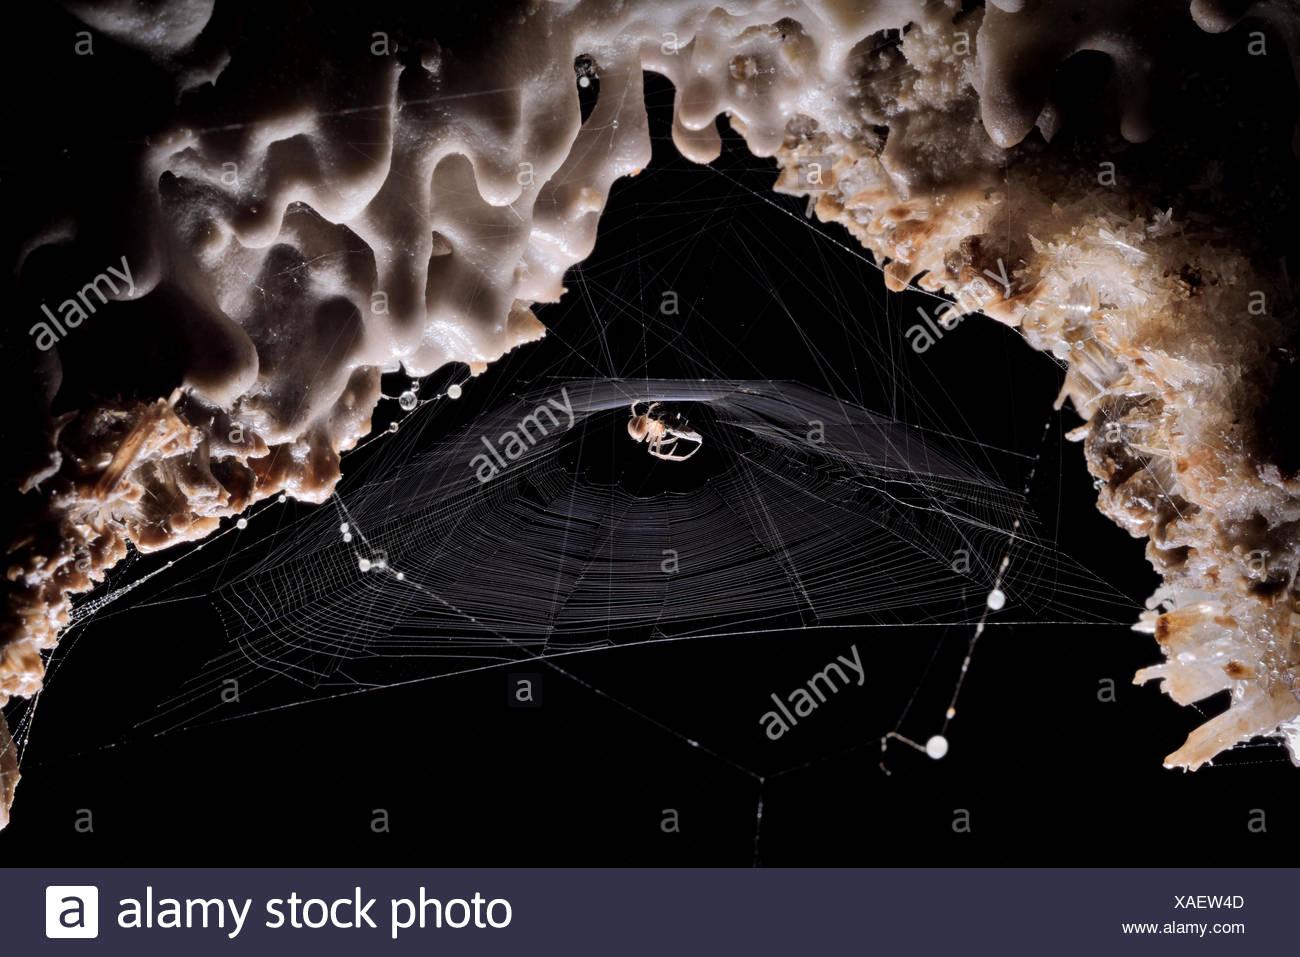 A spider on its web deep inside Cueva de Villa Luz in Tabasco, Mexico. - Stock Image